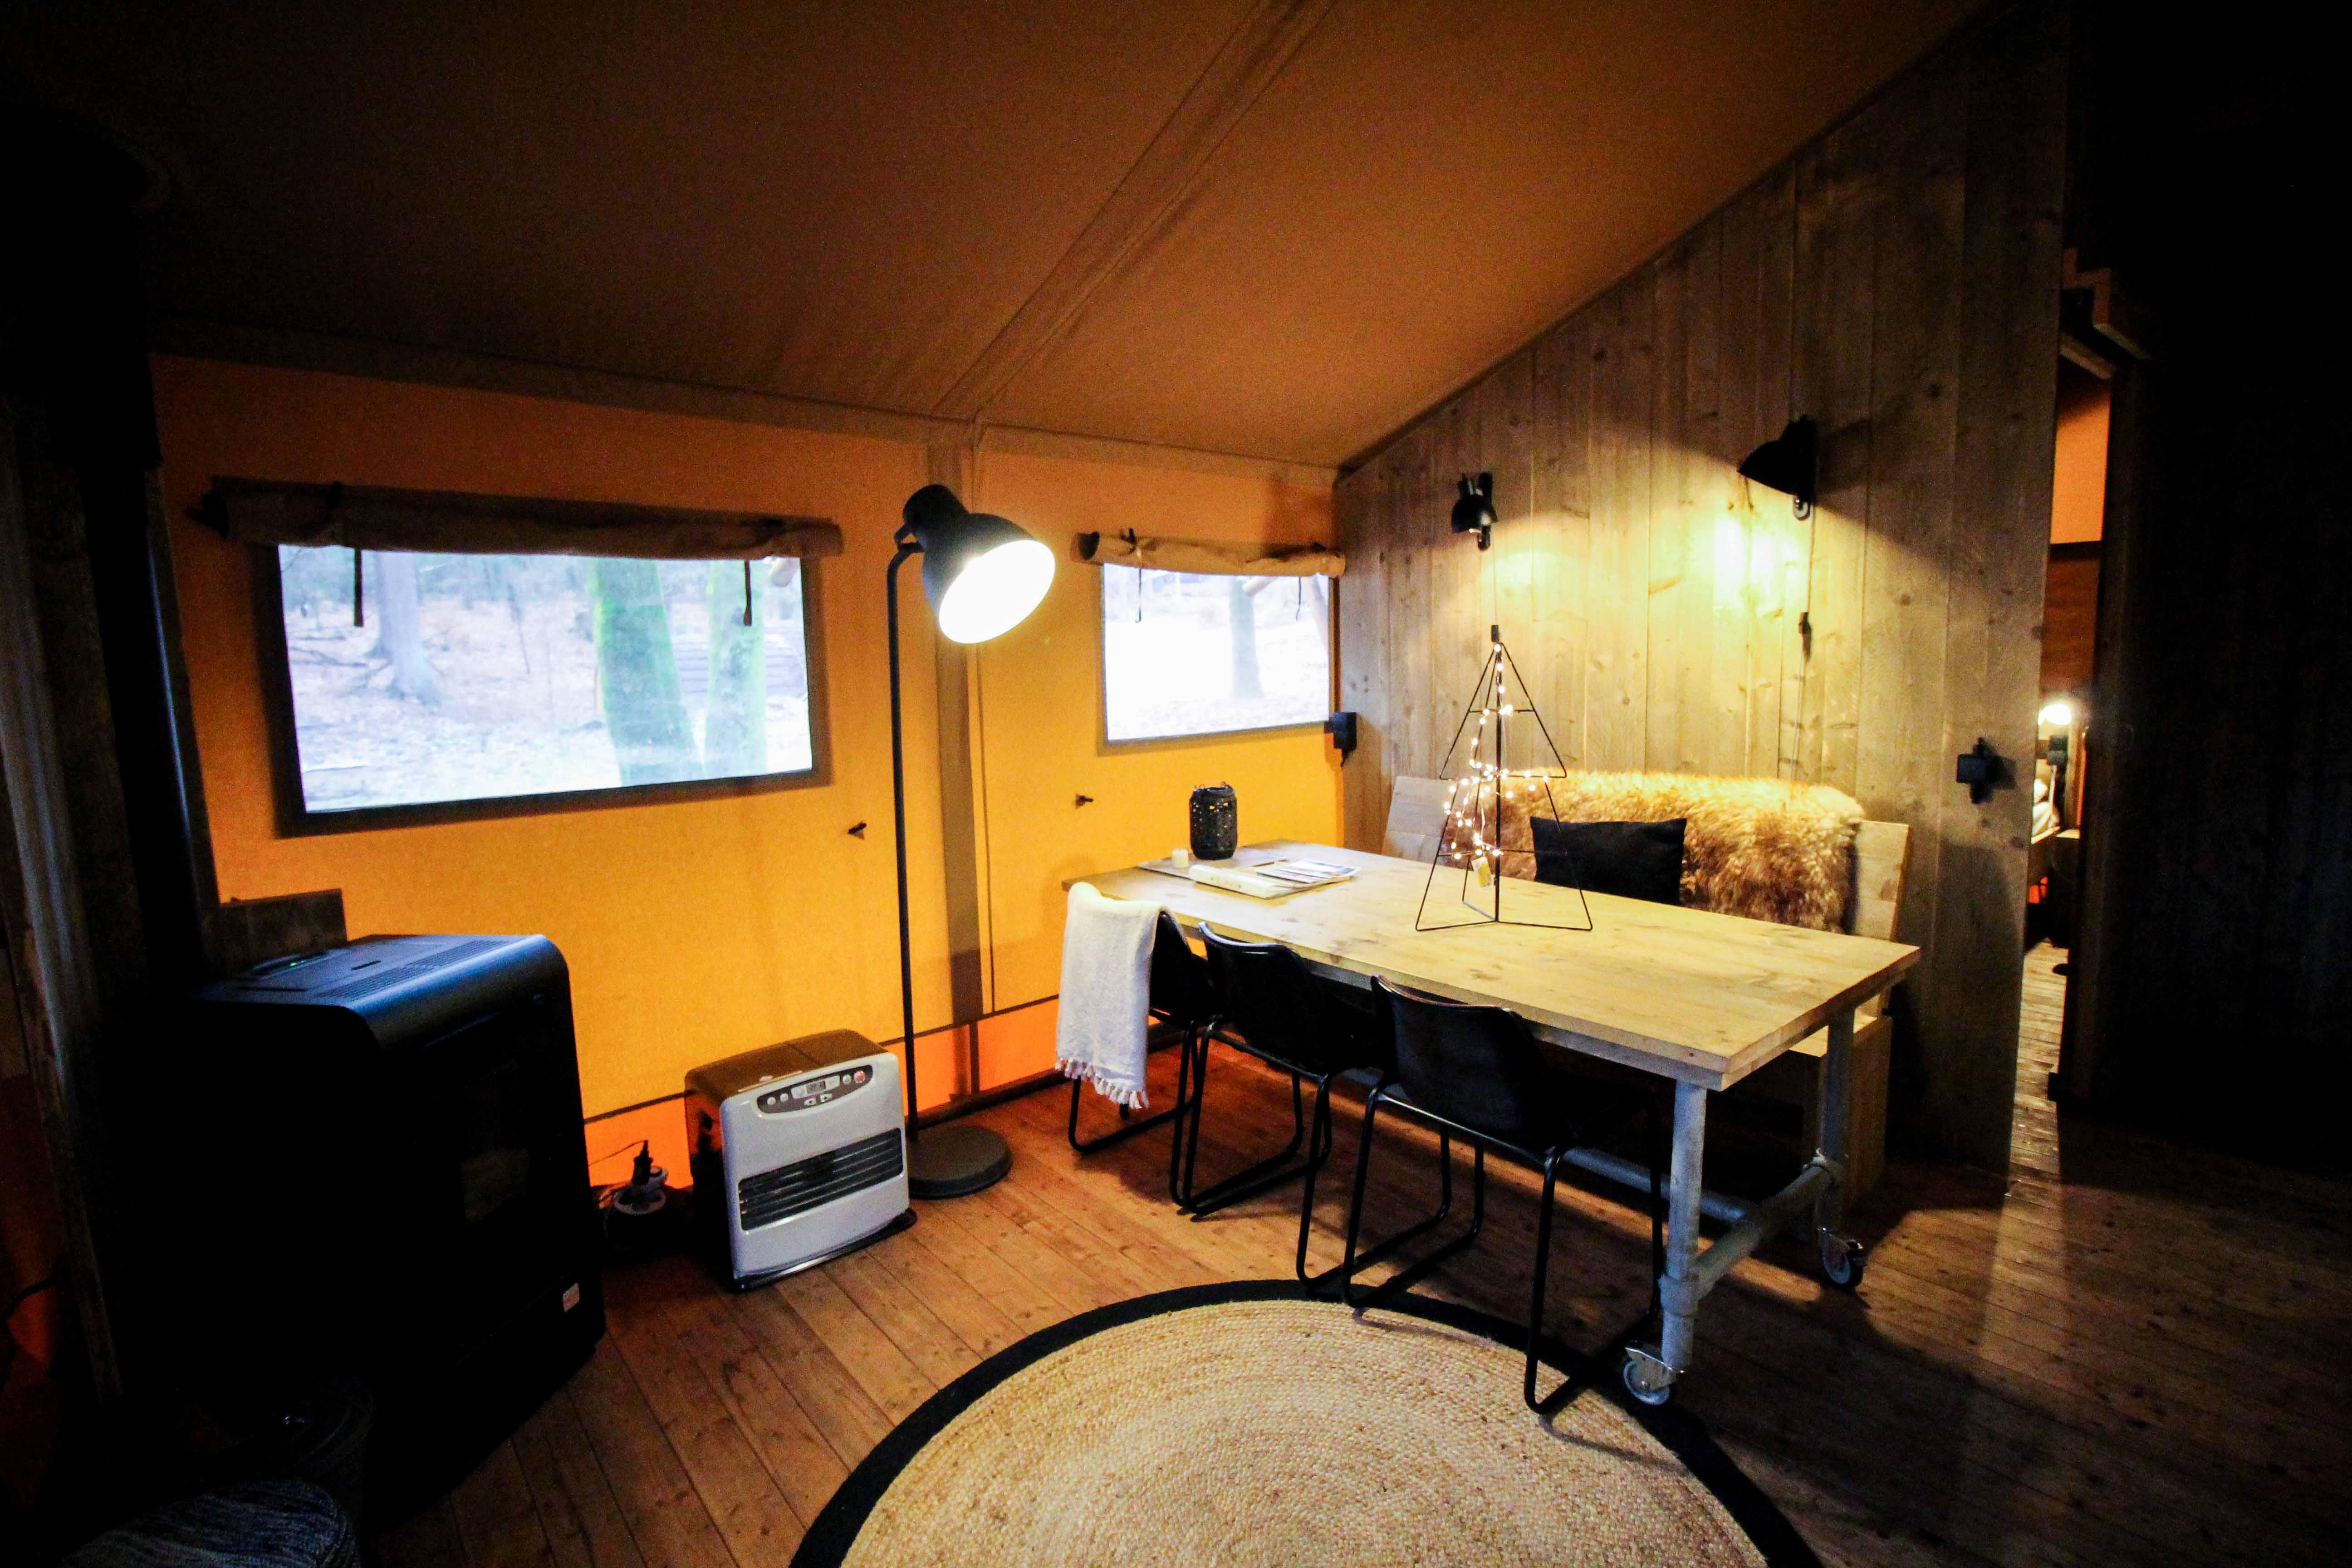 Glamping in Holland Luxuscamping Buitenplaats Beekhuizen Arnheim das andere Holland Reiseblog Zelt Lodgetent Ofen